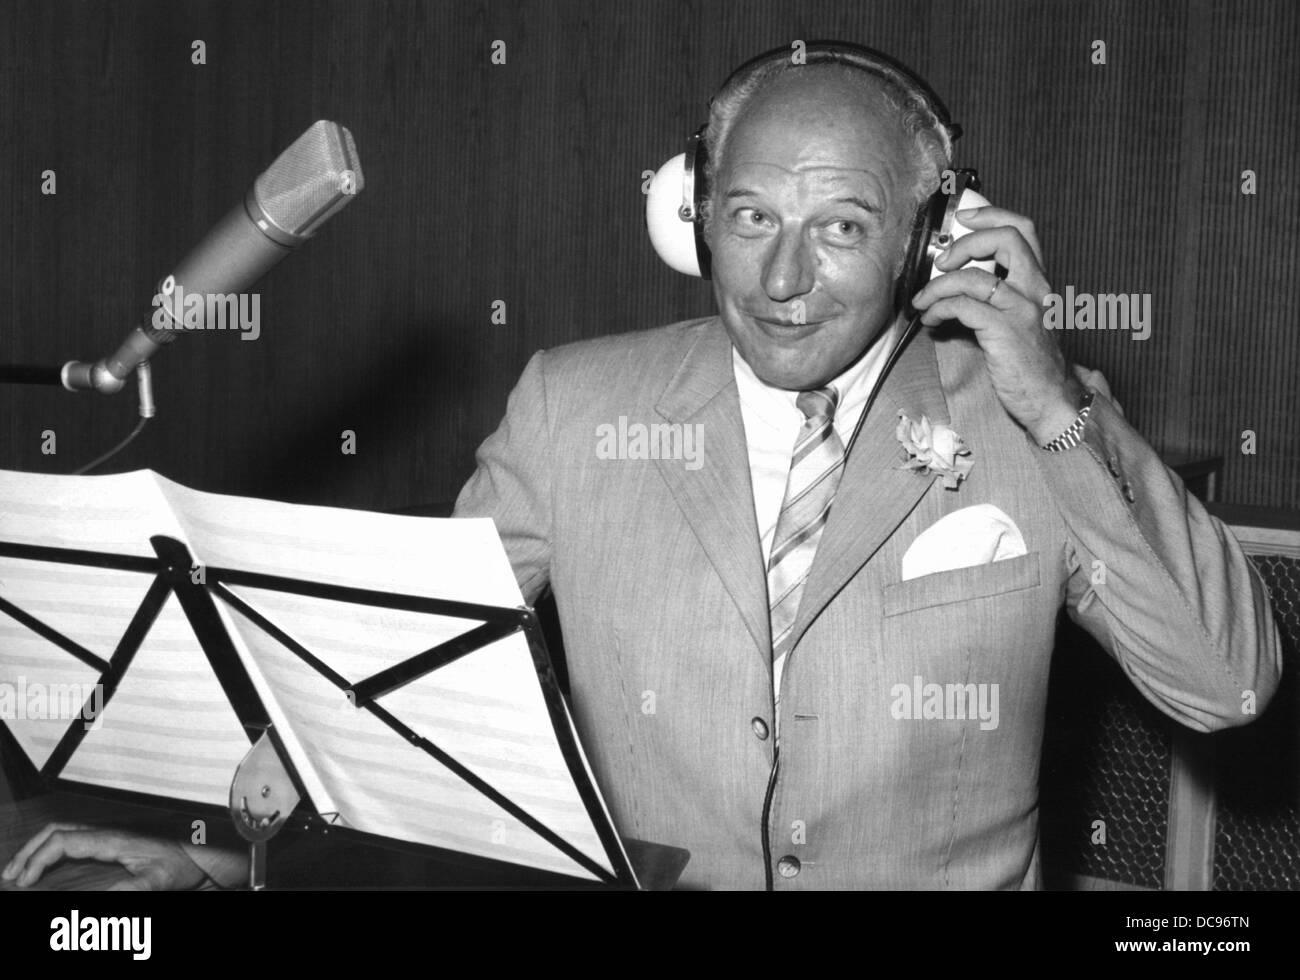 Politicien FDP Walter Scheel enregistre une chanson en studio de son. Le ministre fédéral des affaires étrangères et, plus tard, le président allemand a eu une performance de chant à la télévision à la fin de 1973. Banque D'Images